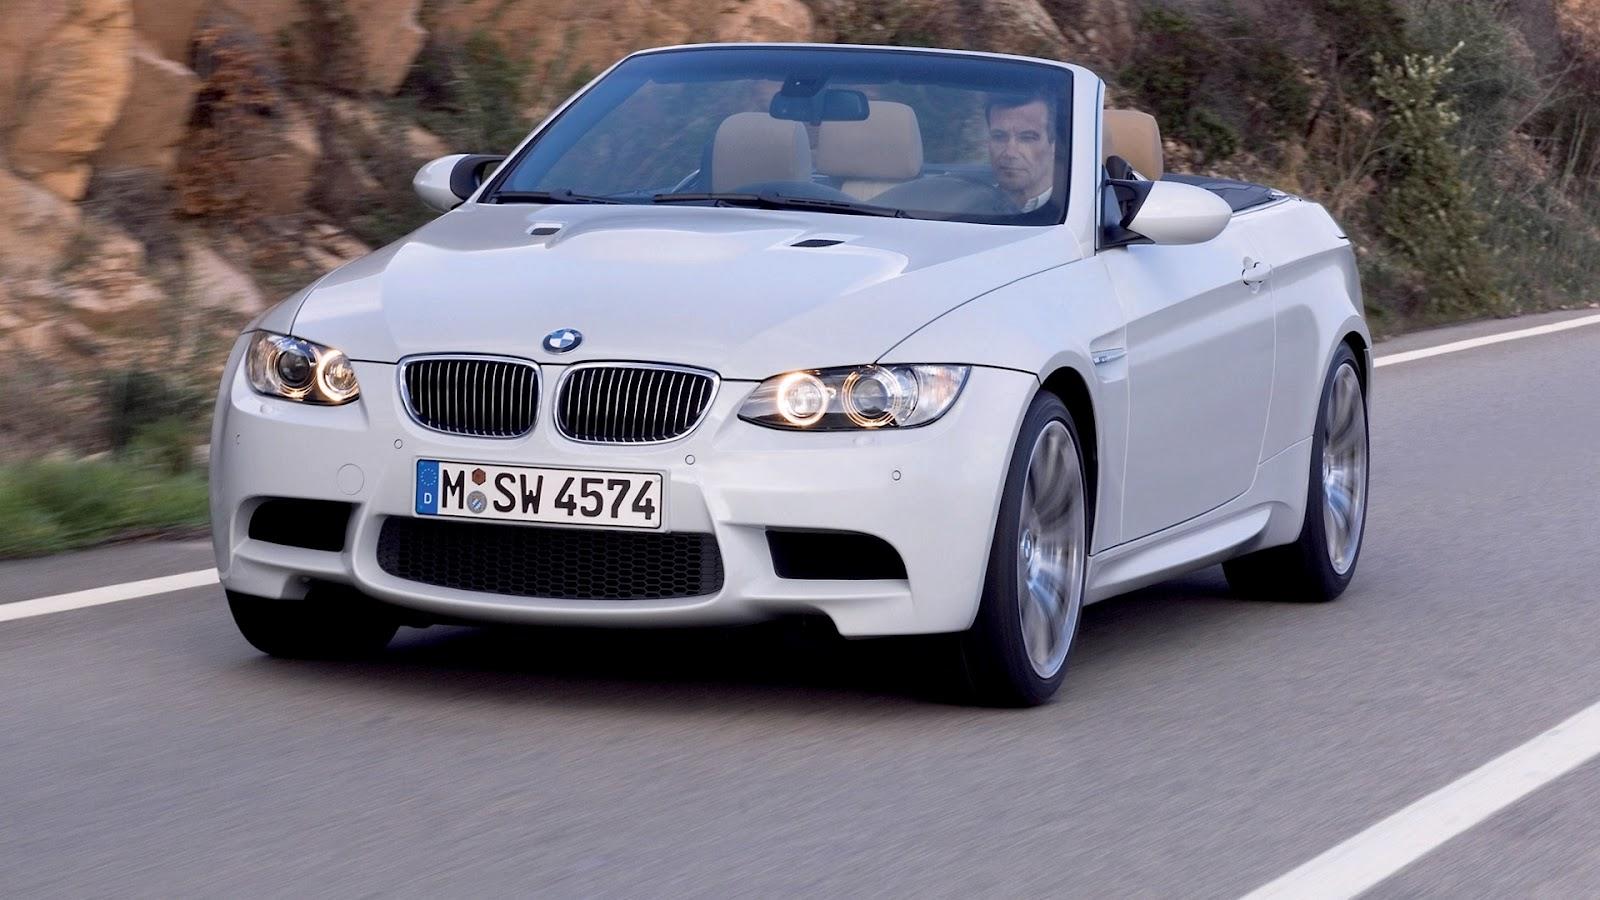 White BMW Car Wallpaper HD